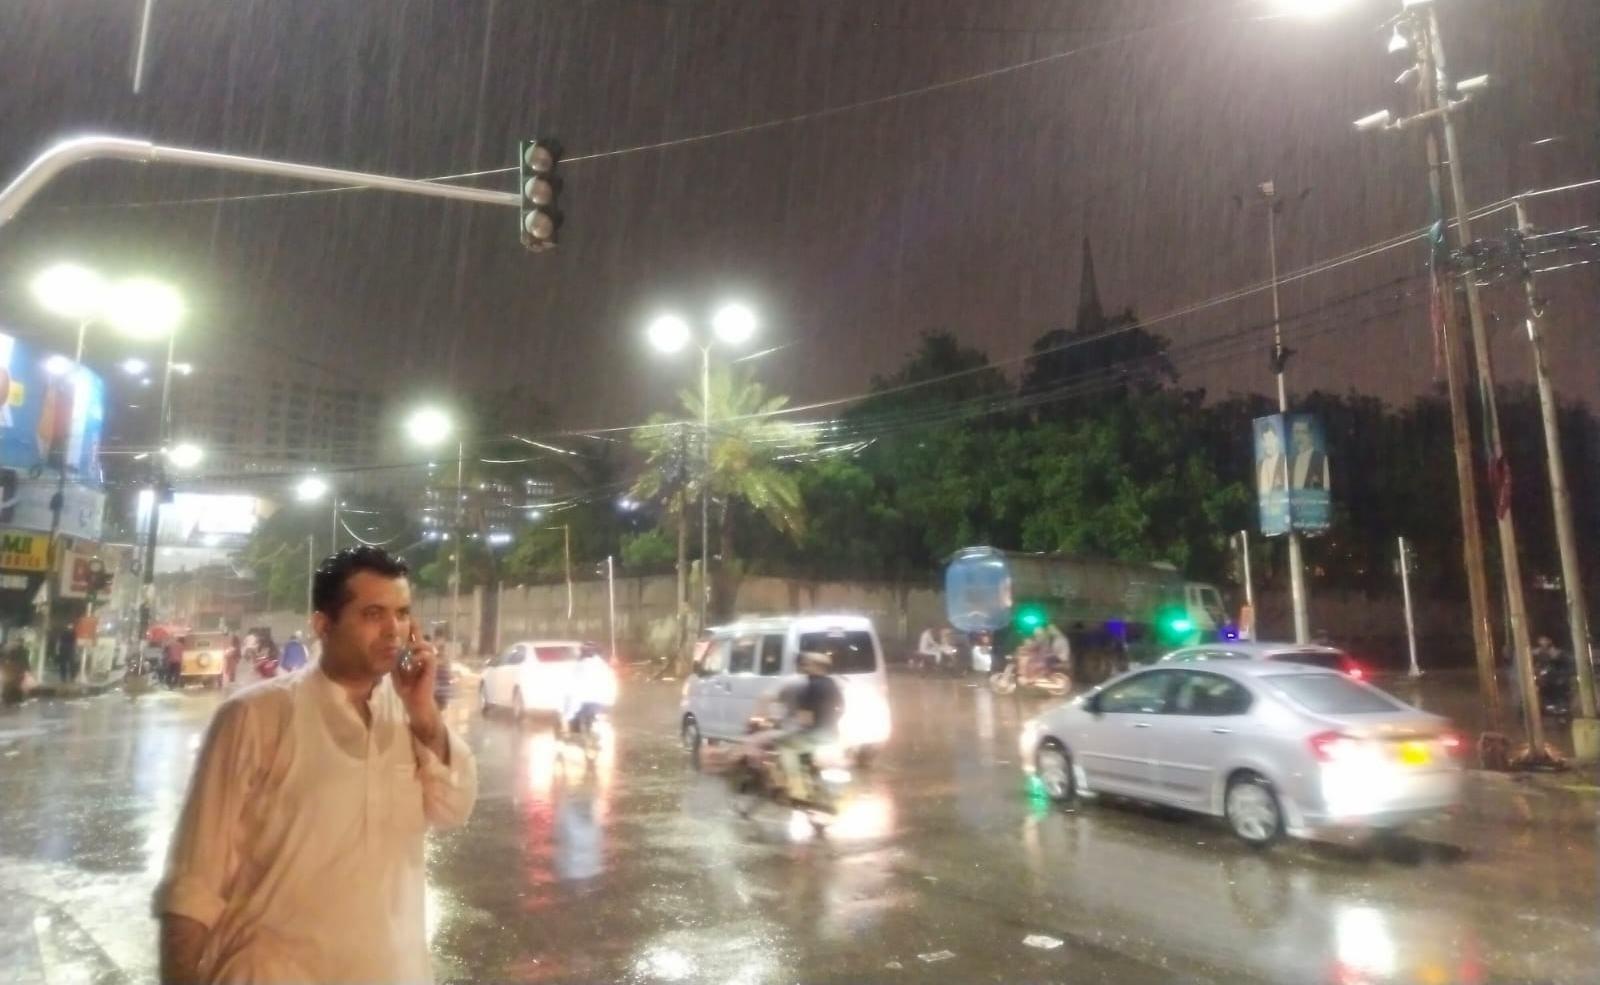 کراچی میں بارش کے باعث ٹریفک کی روانی متاثر ہوئی—فوٹو:امتیاز علی